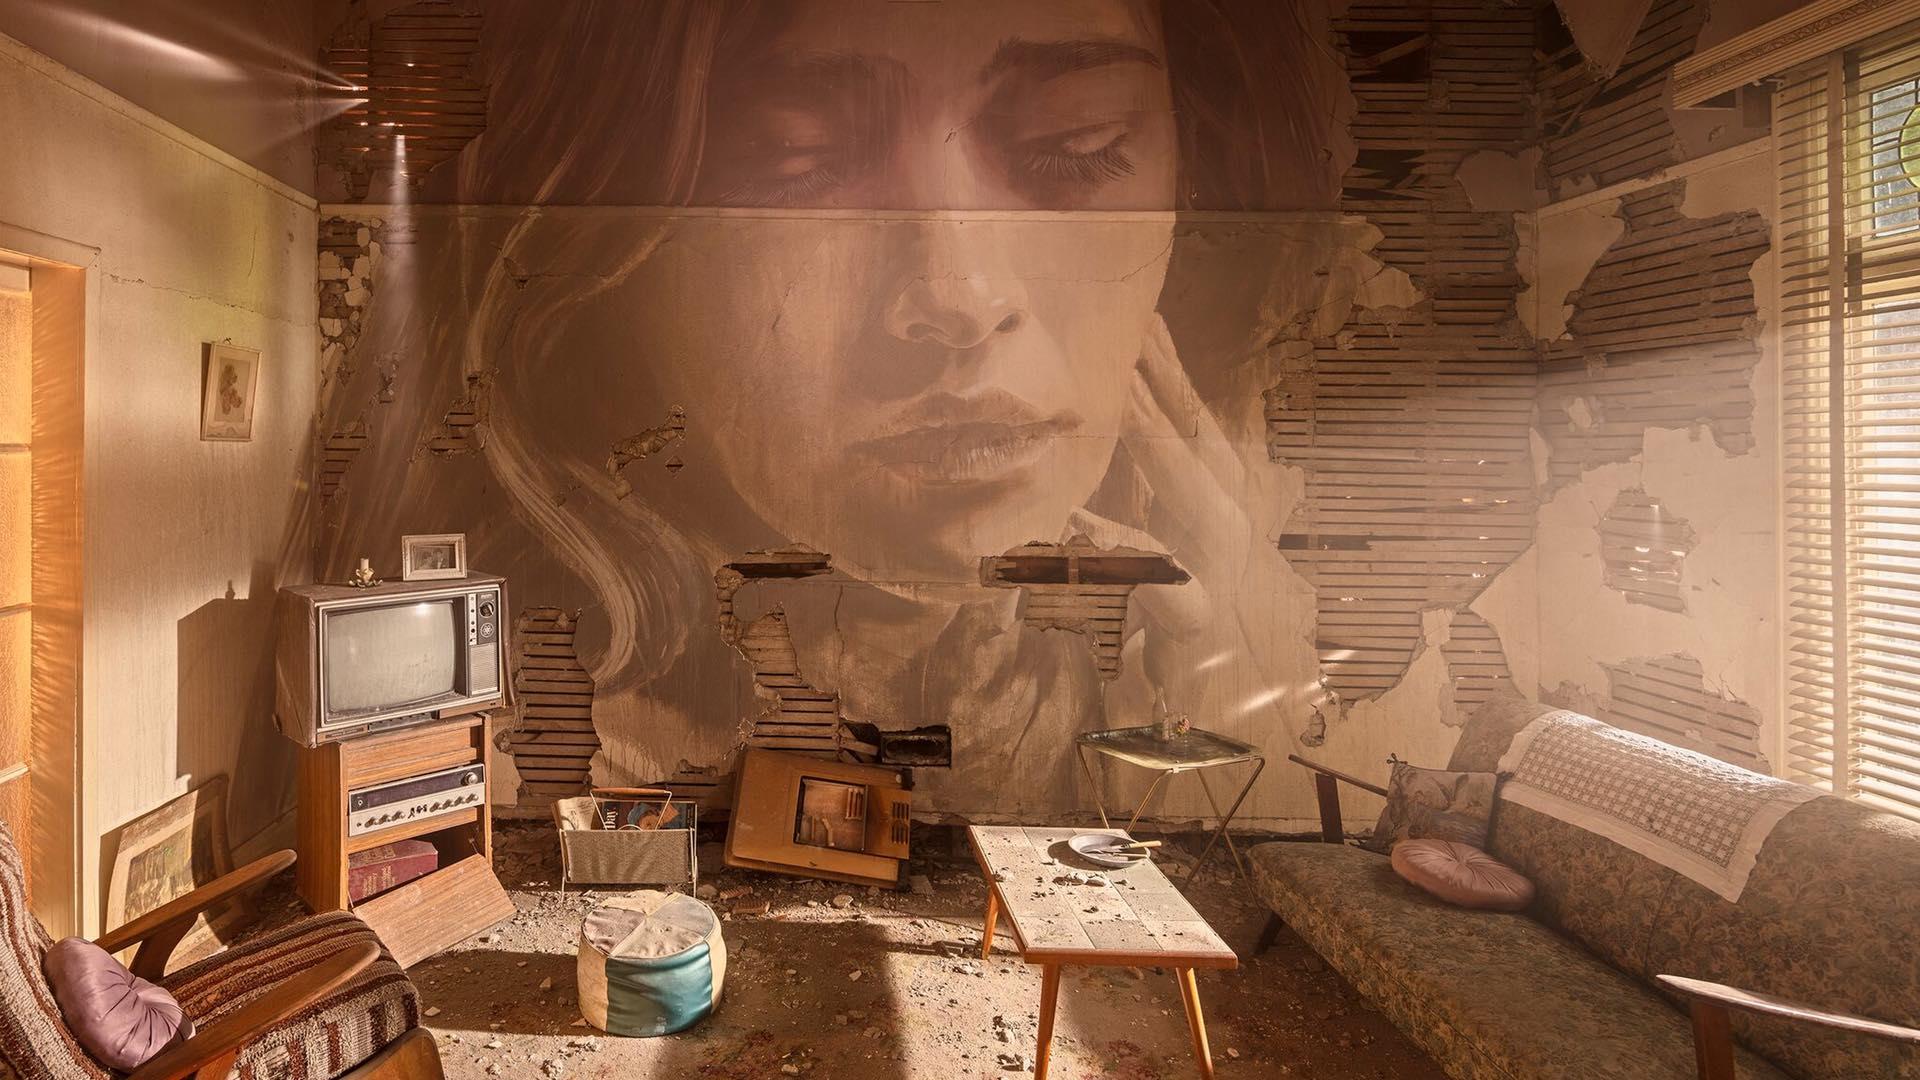 La decadenza incontra la bellezza nel progetto Omega dello street artist Rone | Collater.al